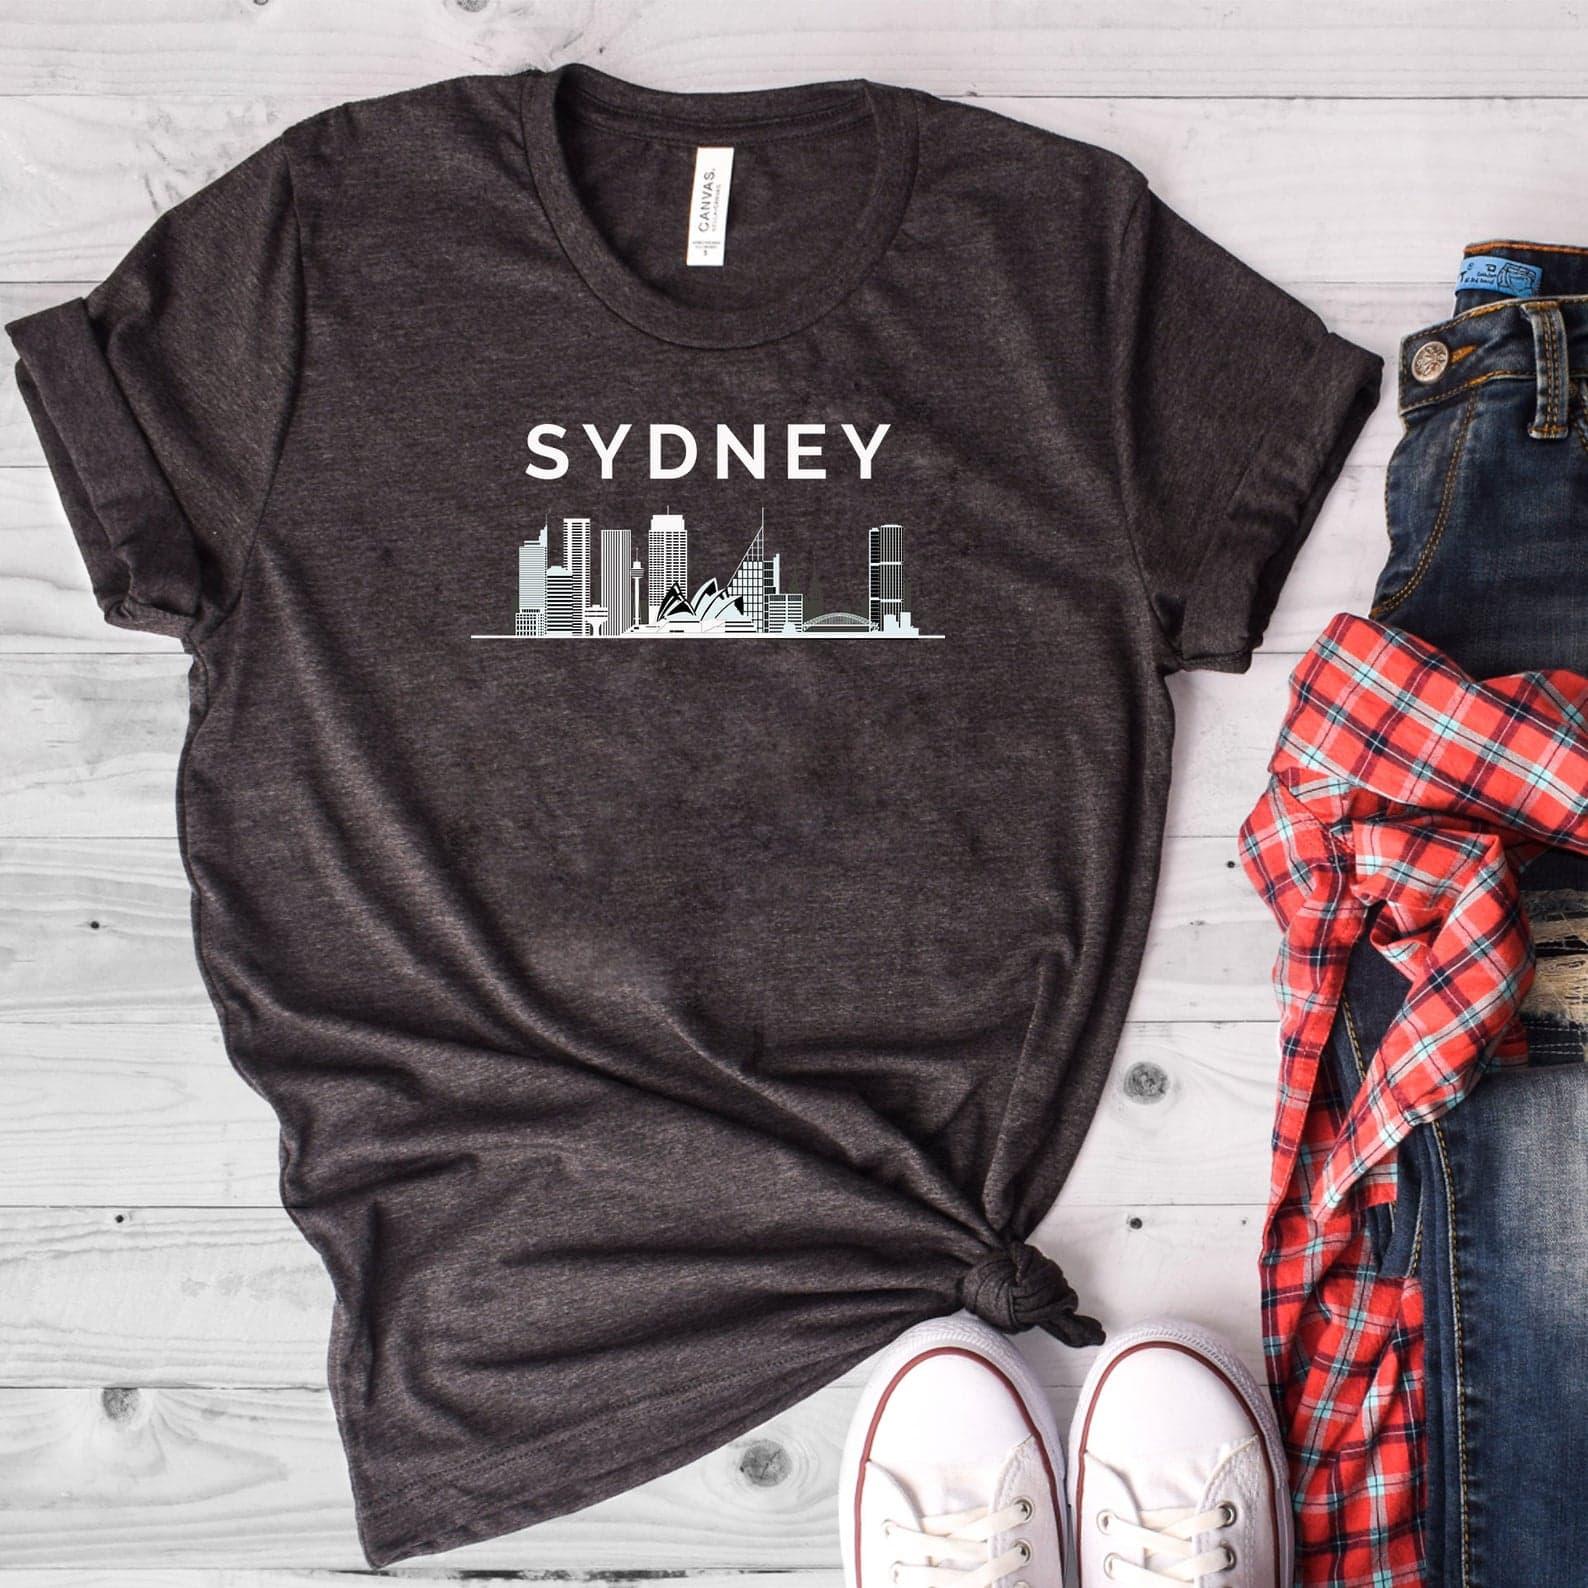 Sydney-tshirt-4